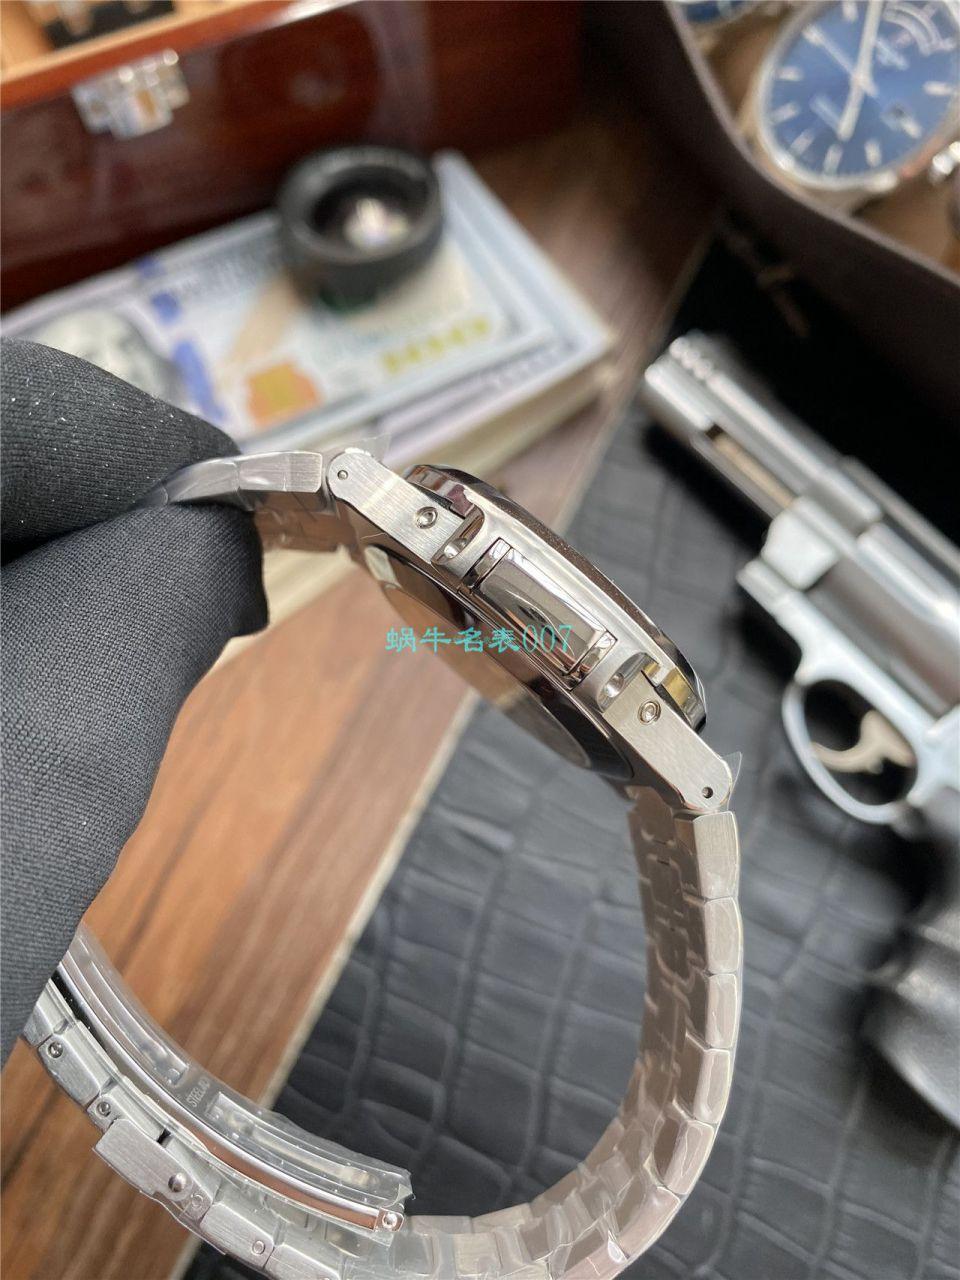 视频评测V9厂顶级复刻百达翡丽鹦鹉螺5726/1A-014,5726/1A-010,5726/1A-001手表